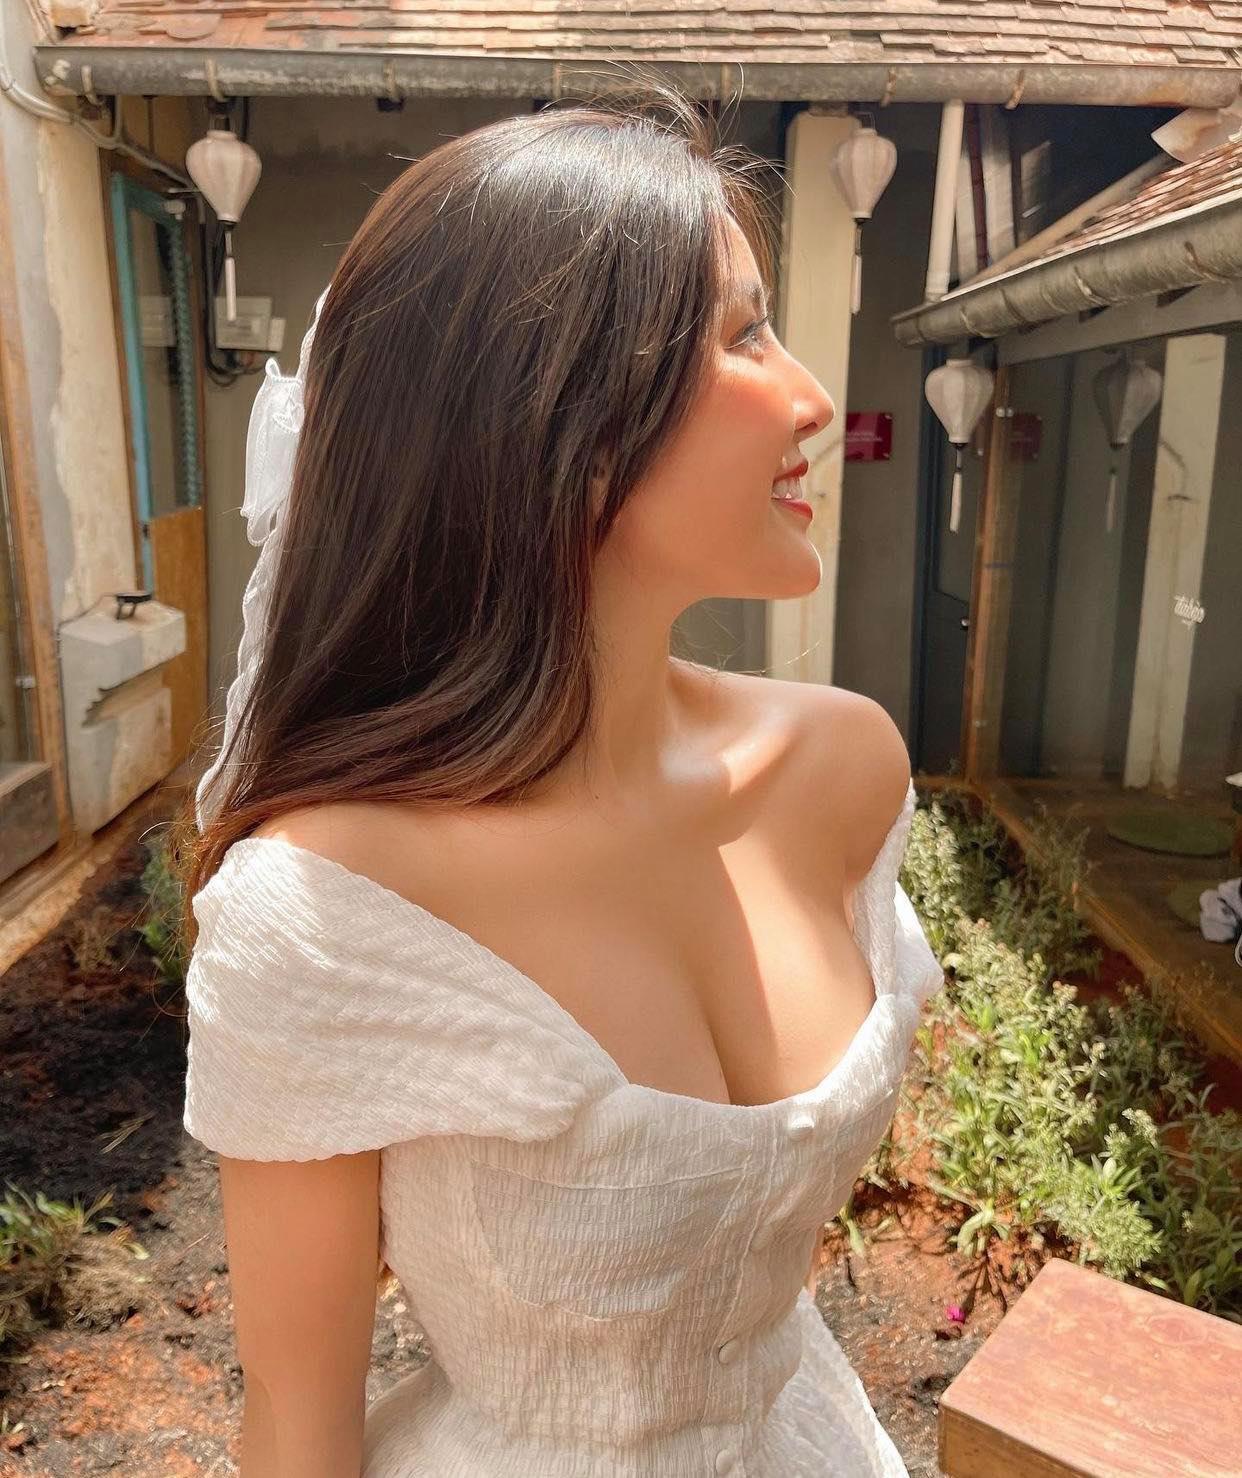 """Nữ sinh hot số 1 Sài thành chỉ cách tăng 5 – 10cm ngực, khẳng định """"không nói điêu"""" - hình ảnh 3"""